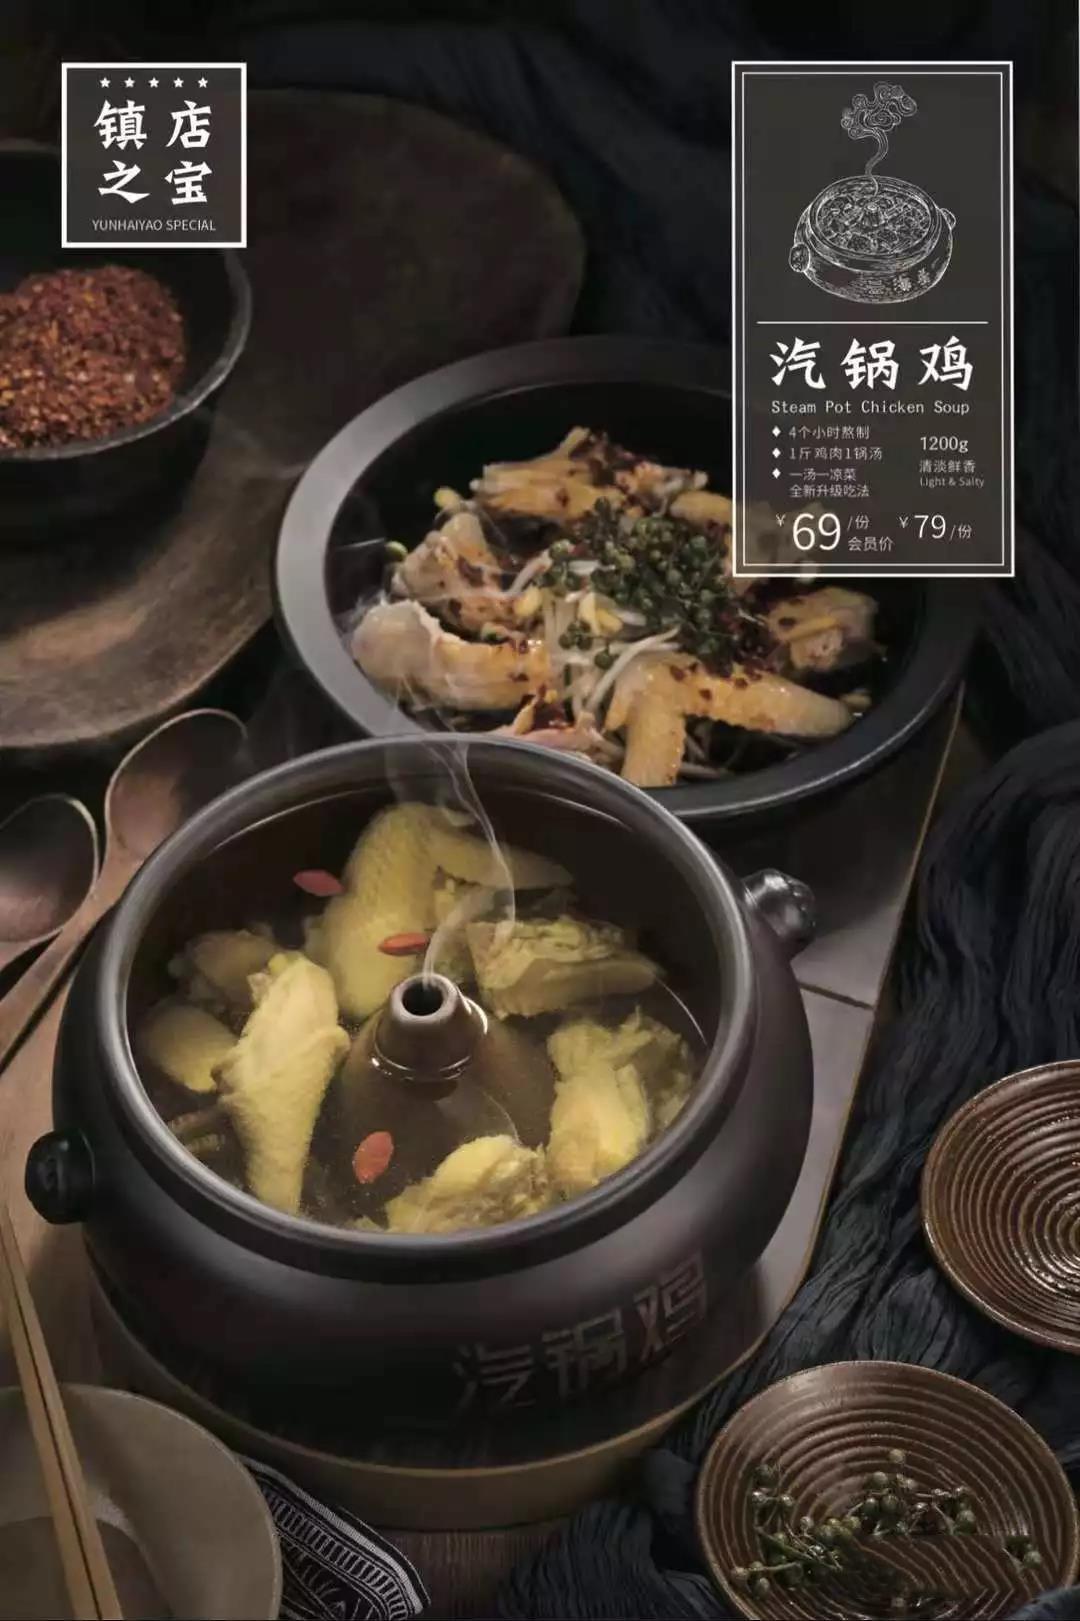 云海肴·汽锅鸡.jpg